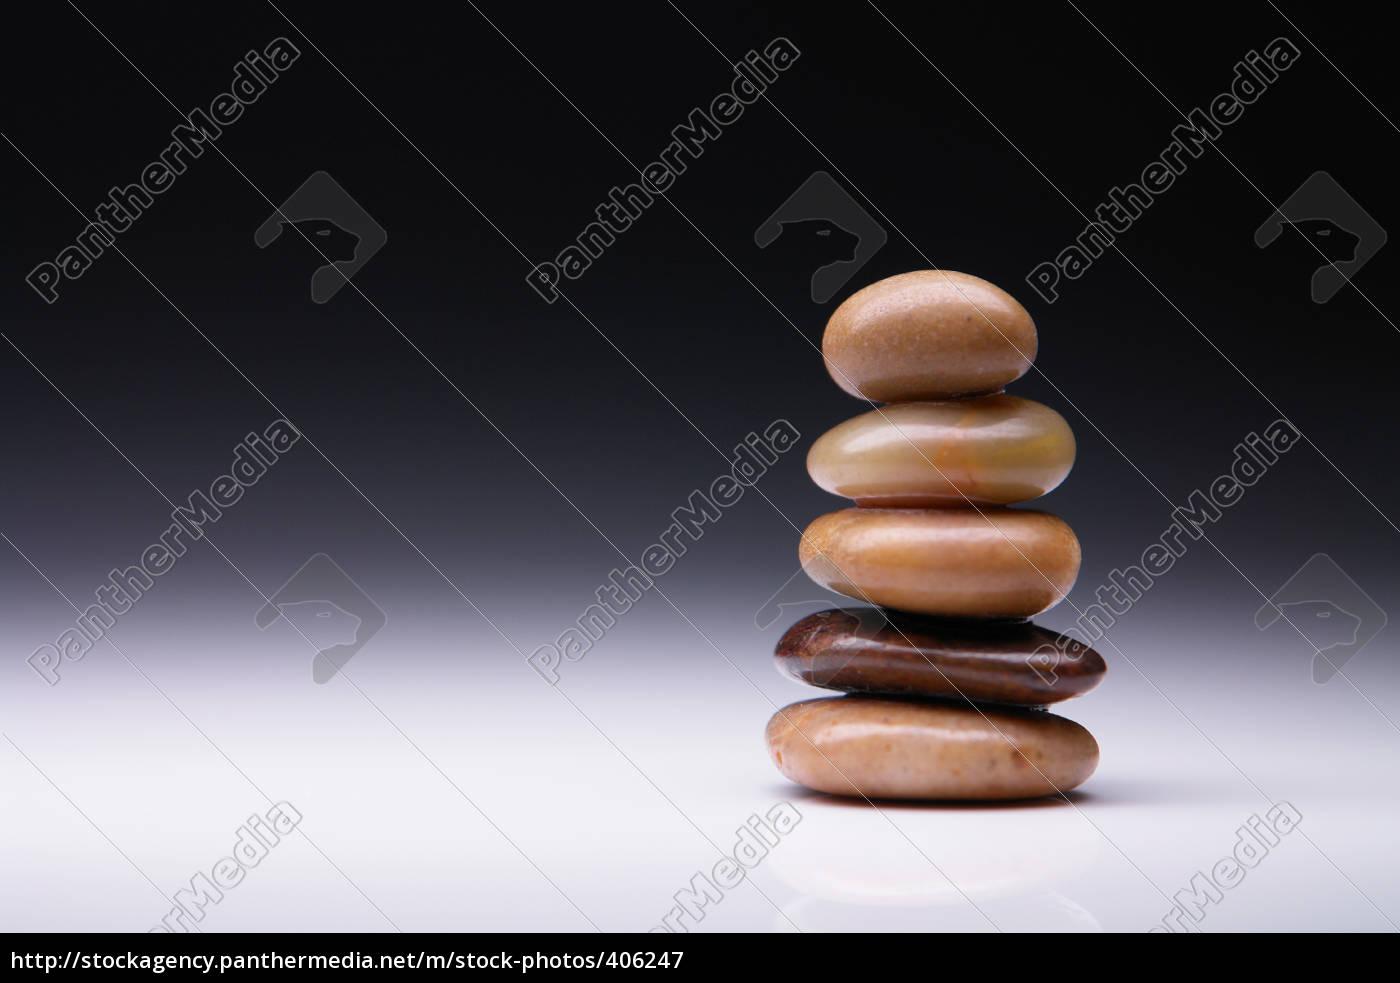 piled, stones - 406247